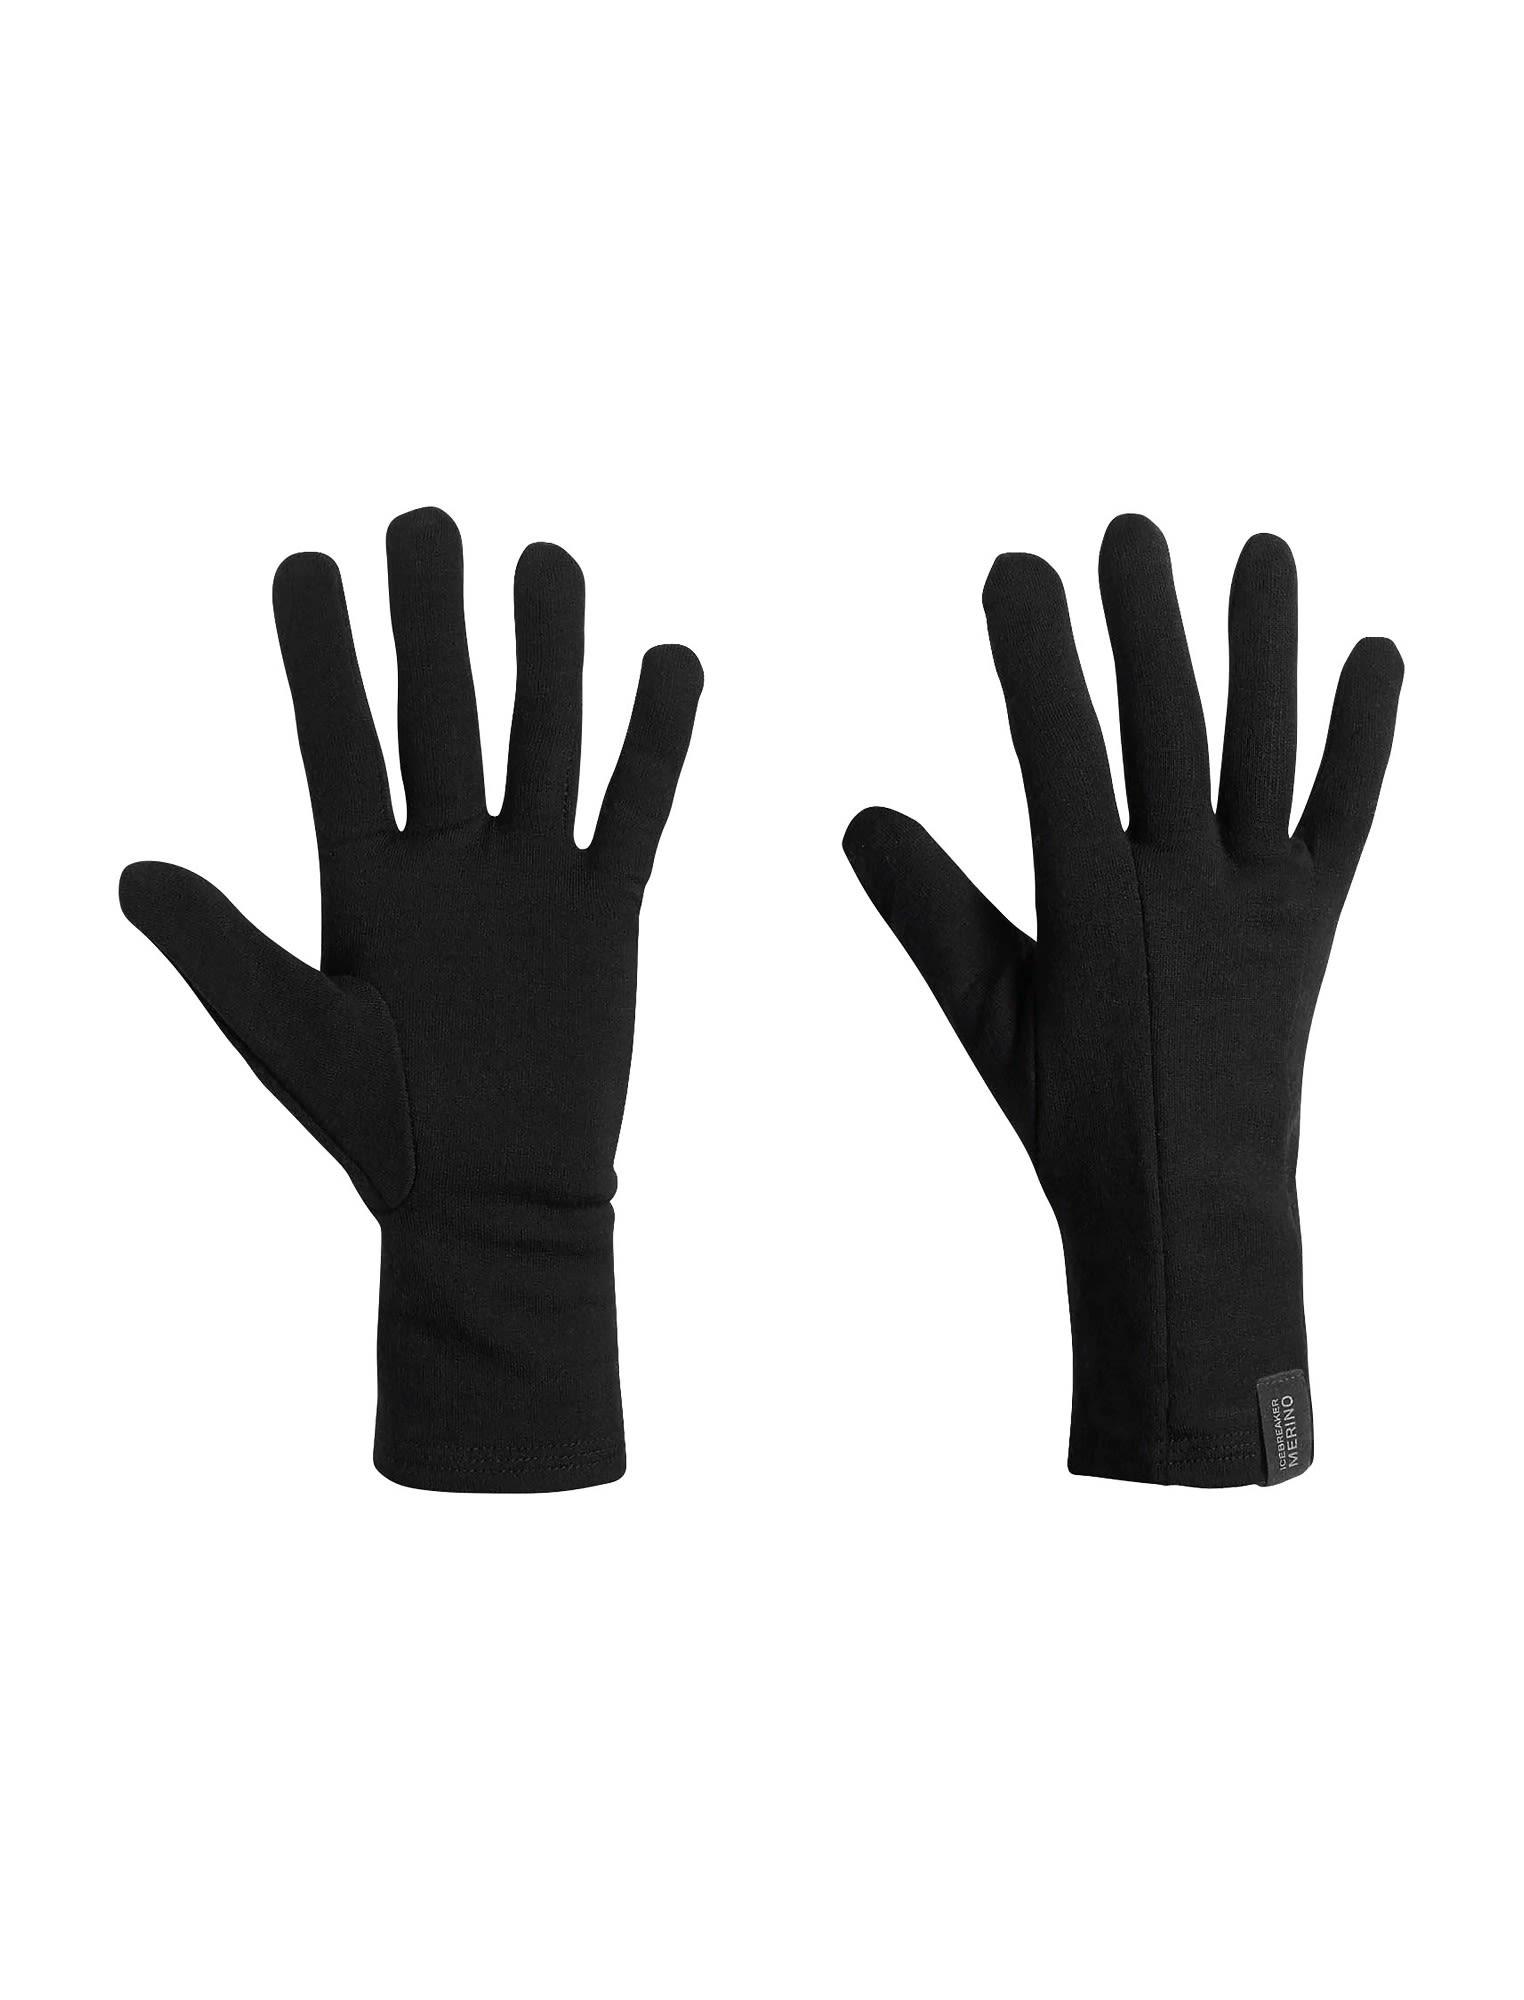 Icebreaker Apex Glove Liners Schwarz, Merino Accessoires, S